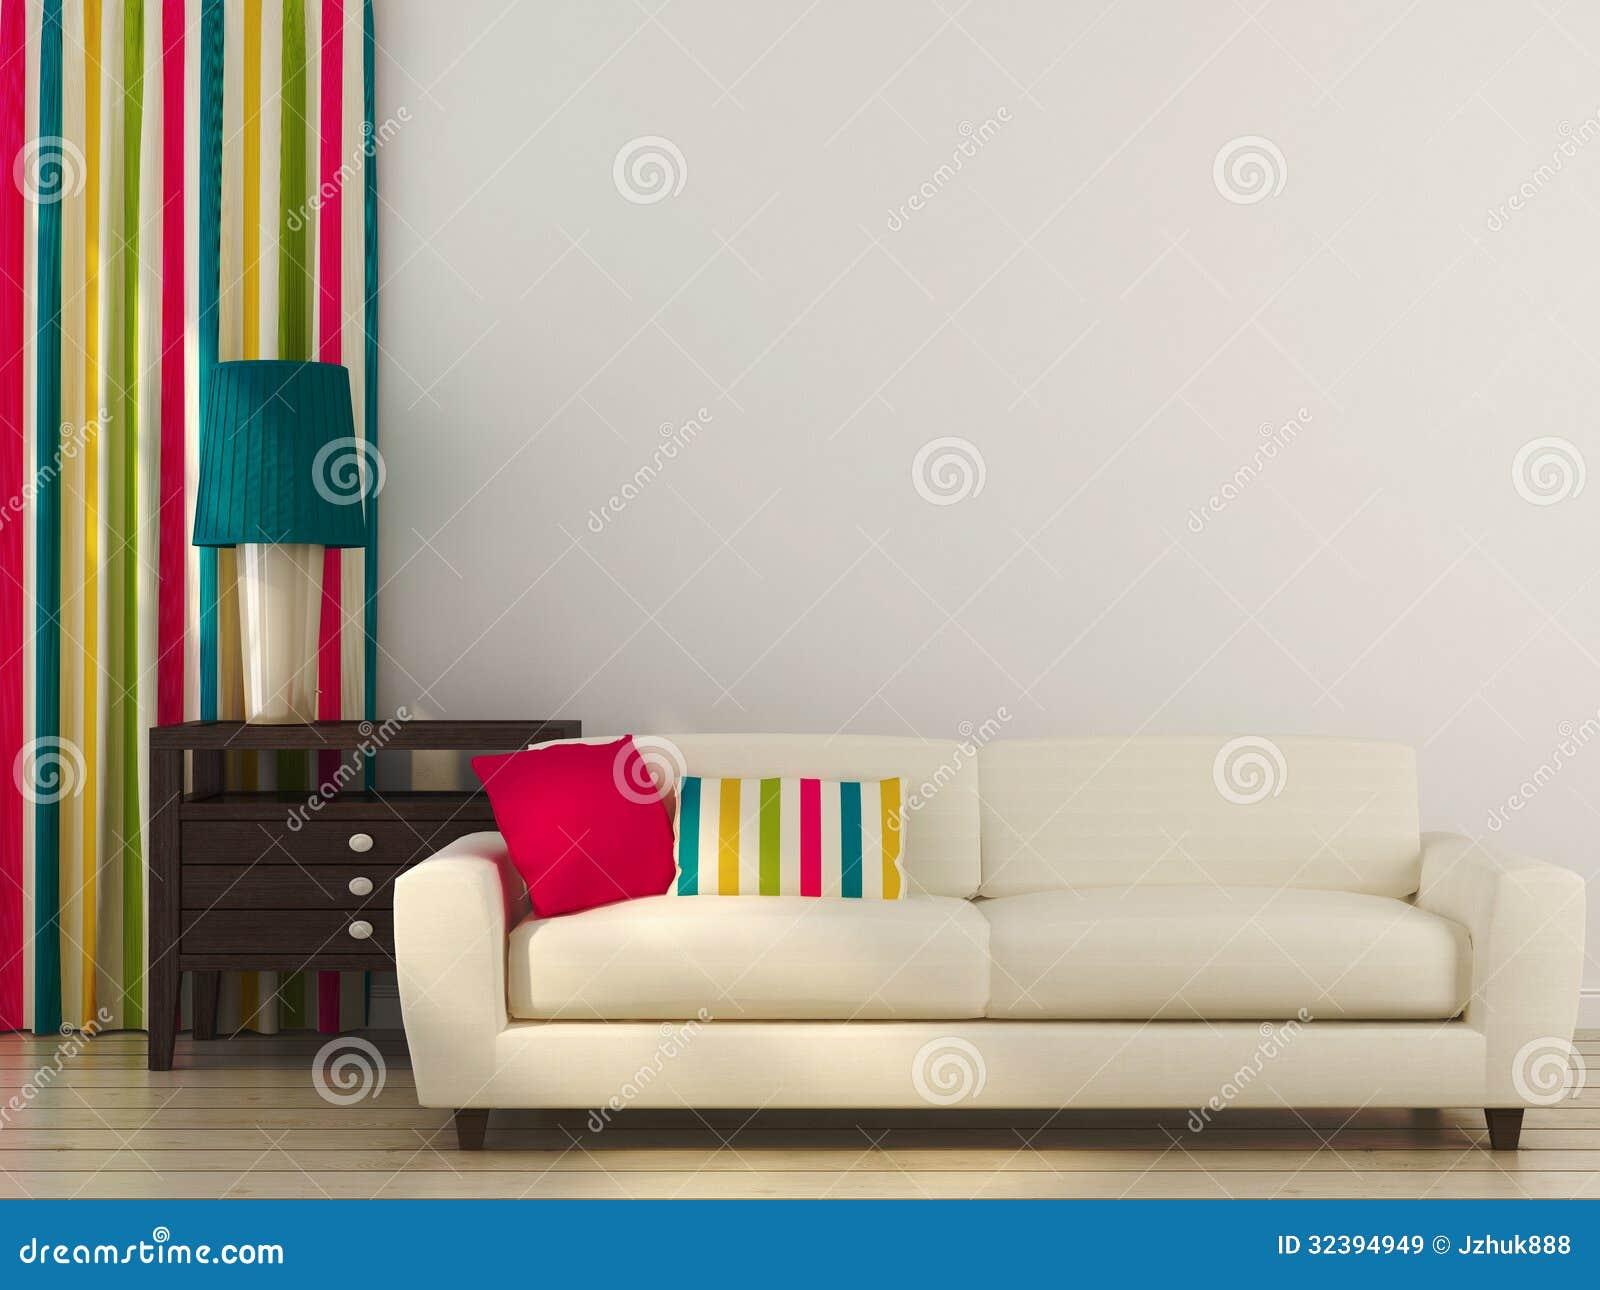 decoracao sofa branco:Sofá Branco Com Decoração Colorida Imagens de Stock Royalty Free